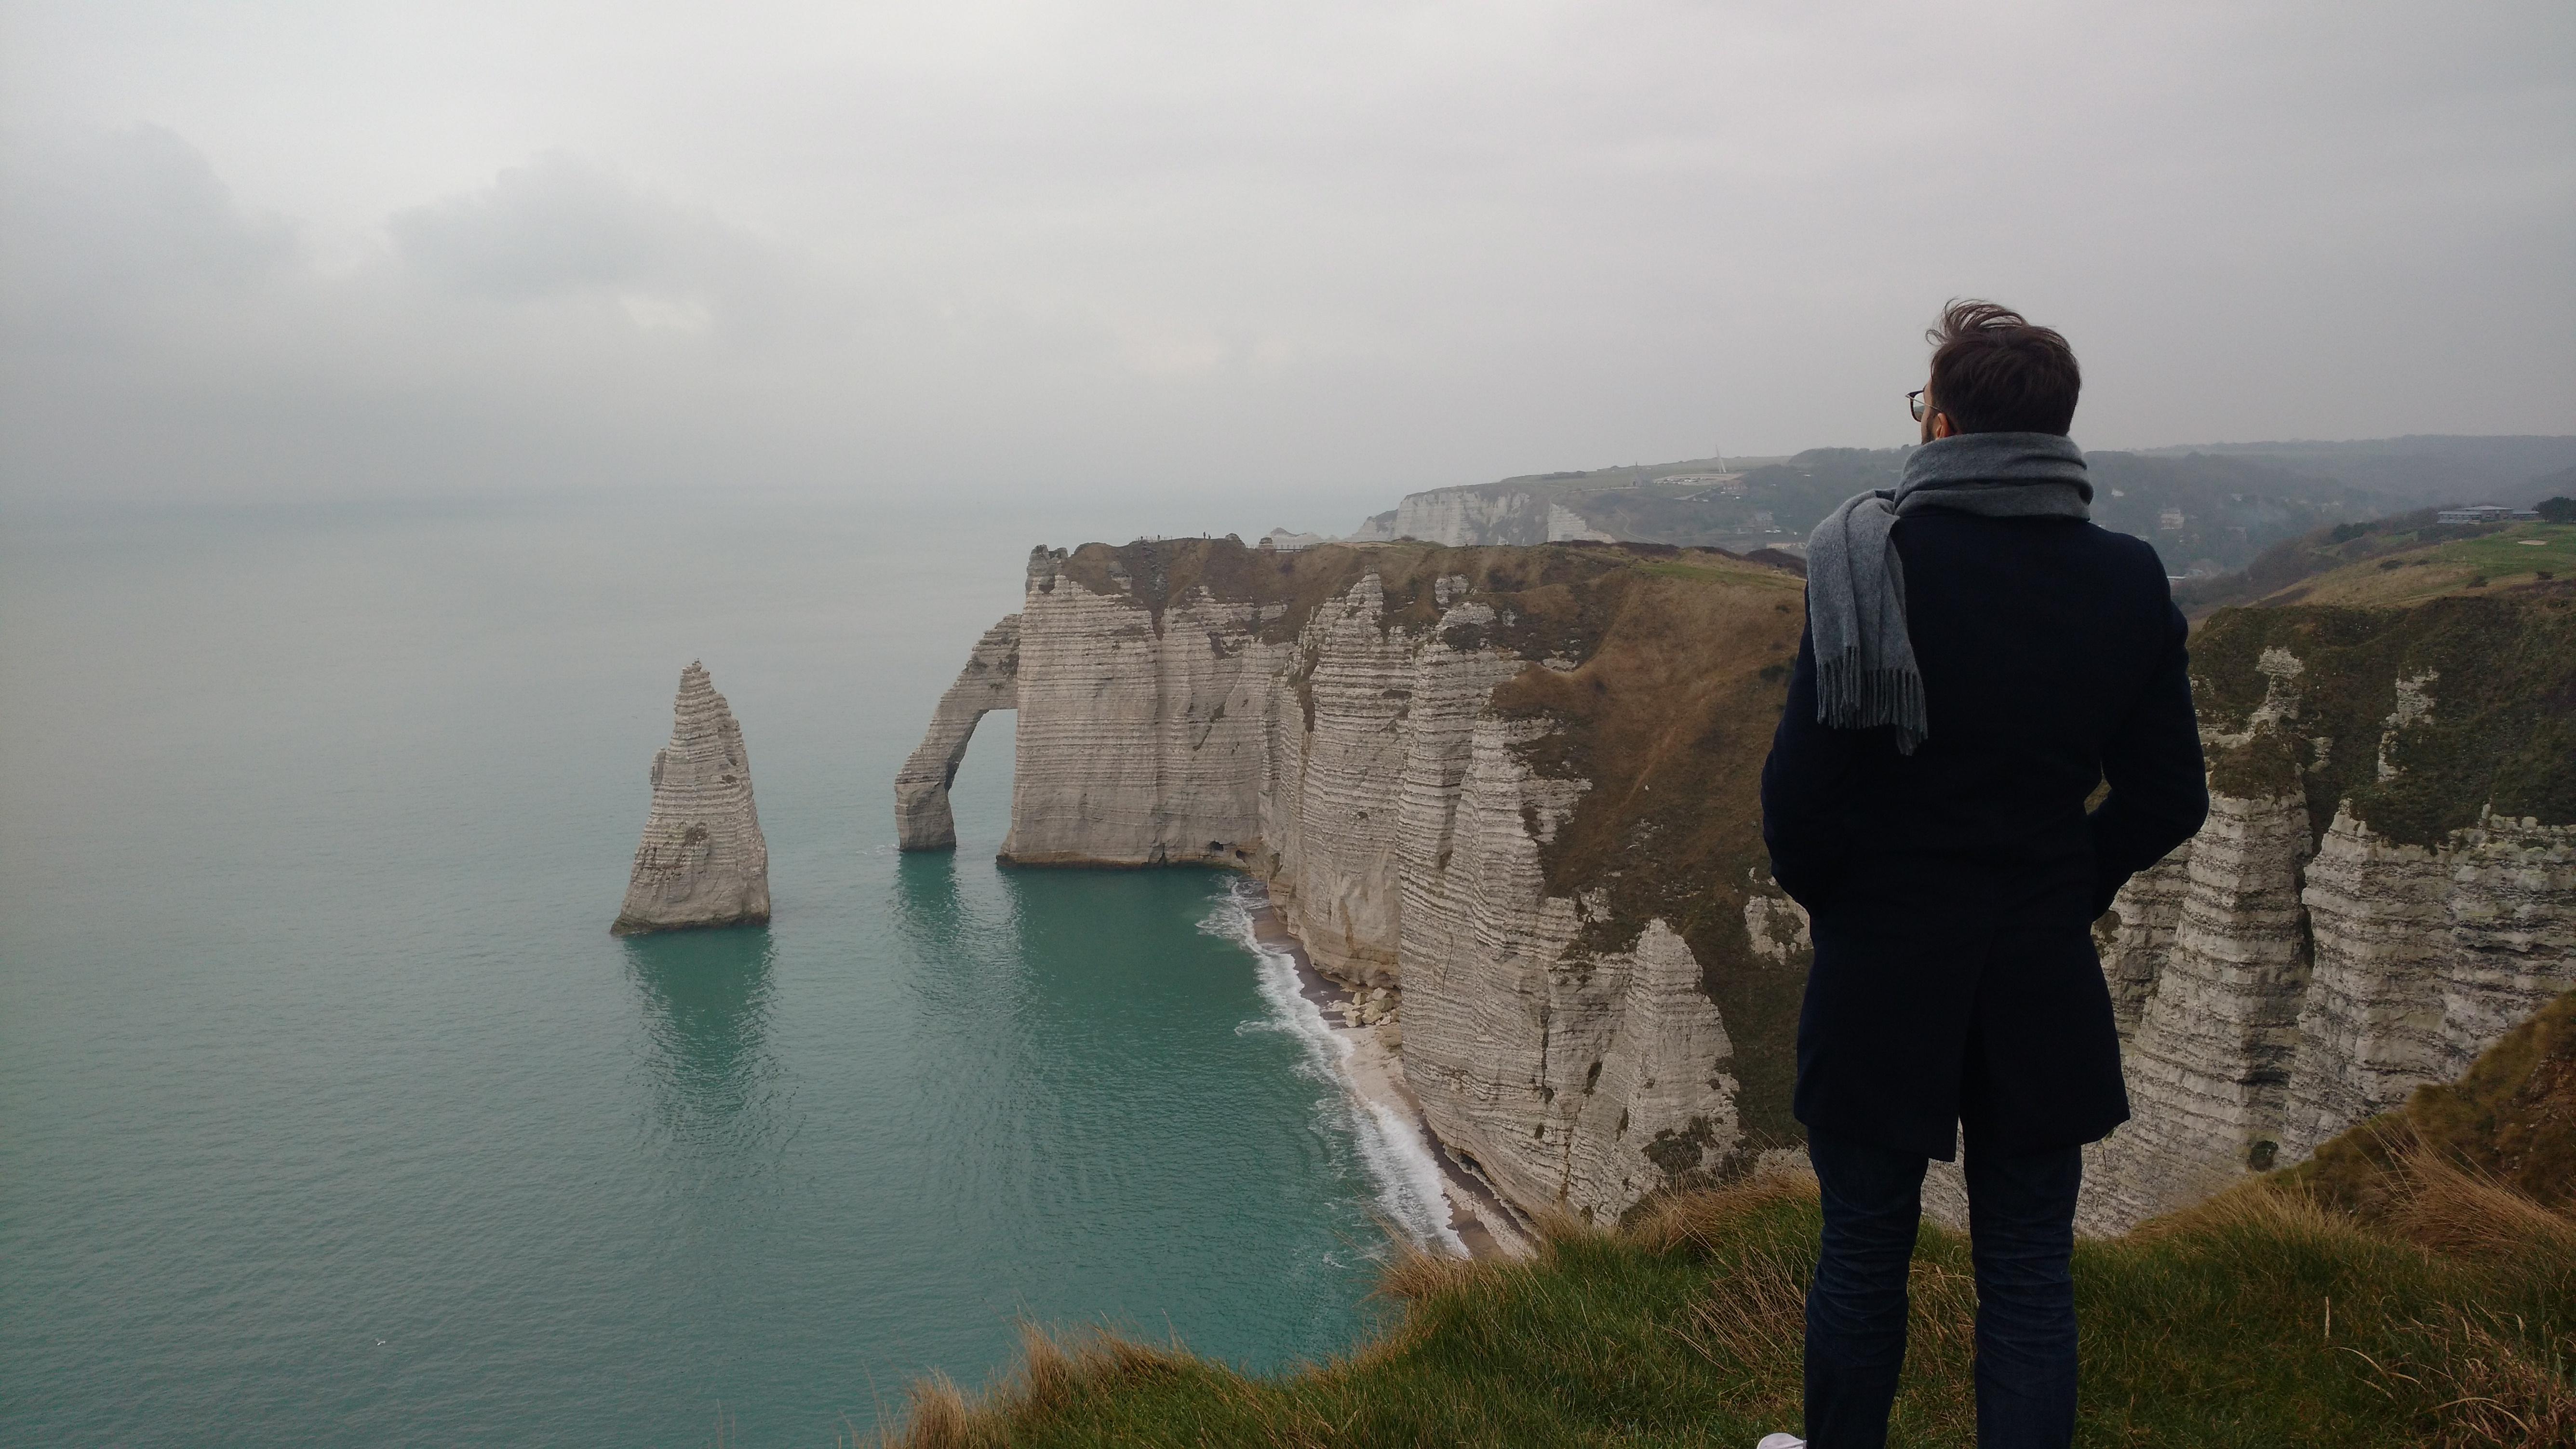 Aiguille Creuse Etretat Normandie